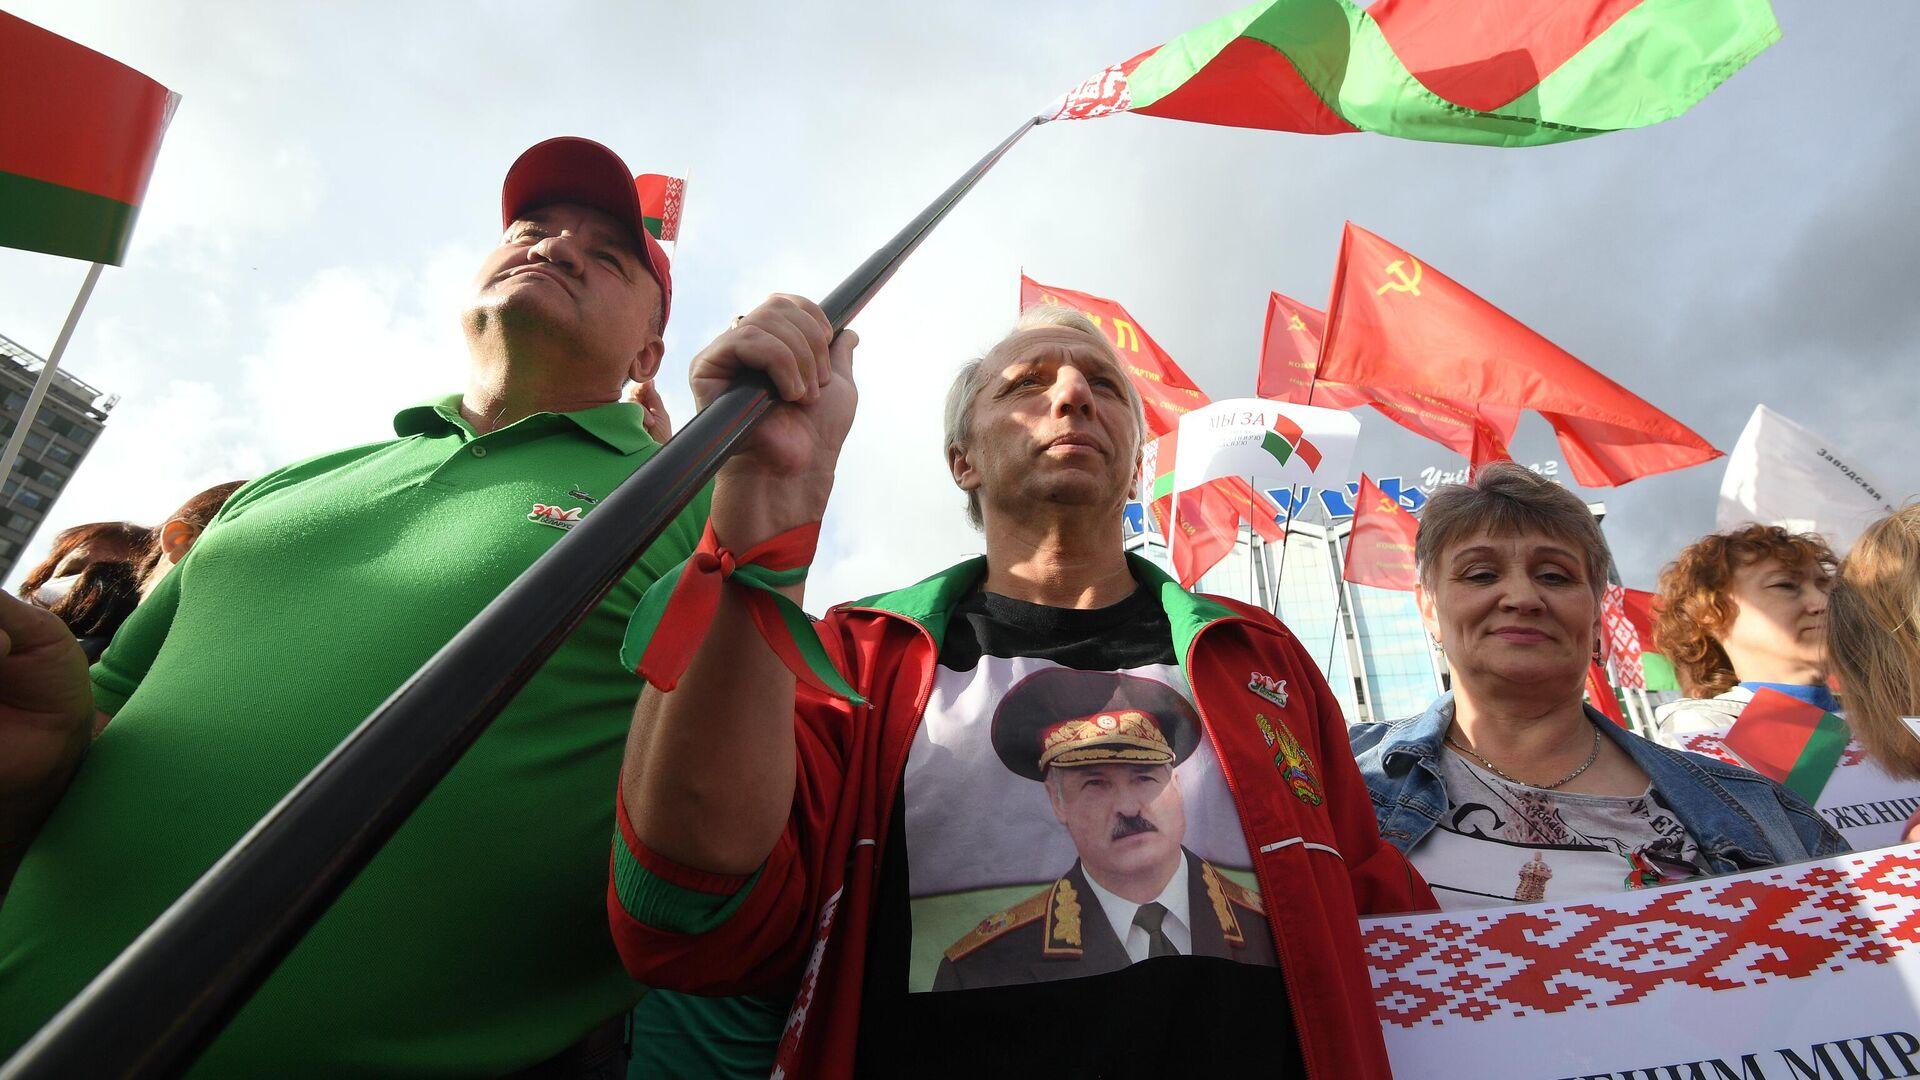 Участники акции в поддержку президента Белоруссии Александра Лукашенко в Минске - РИА Новости, 1920, 16.09.2020